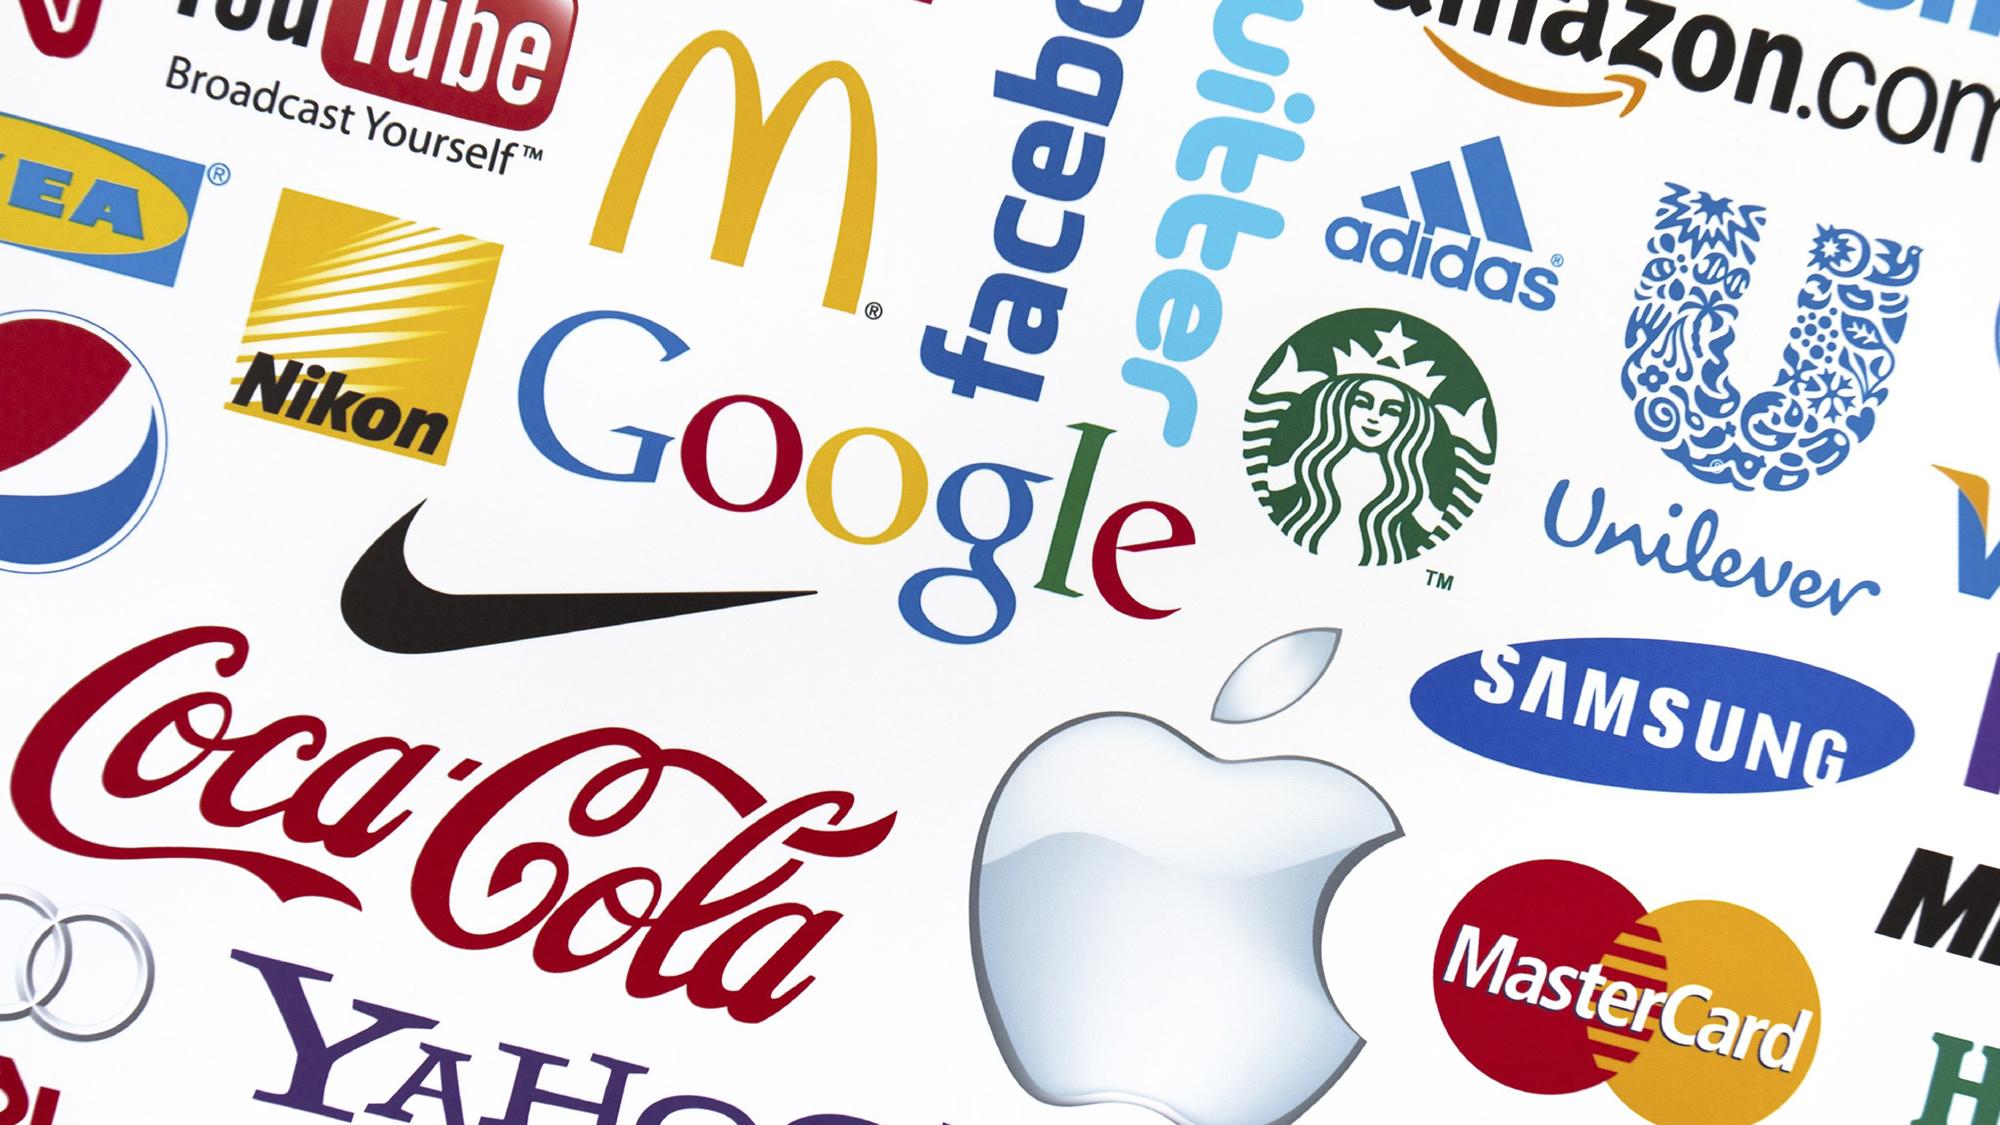 Cosa rende un brand forte e di successo?